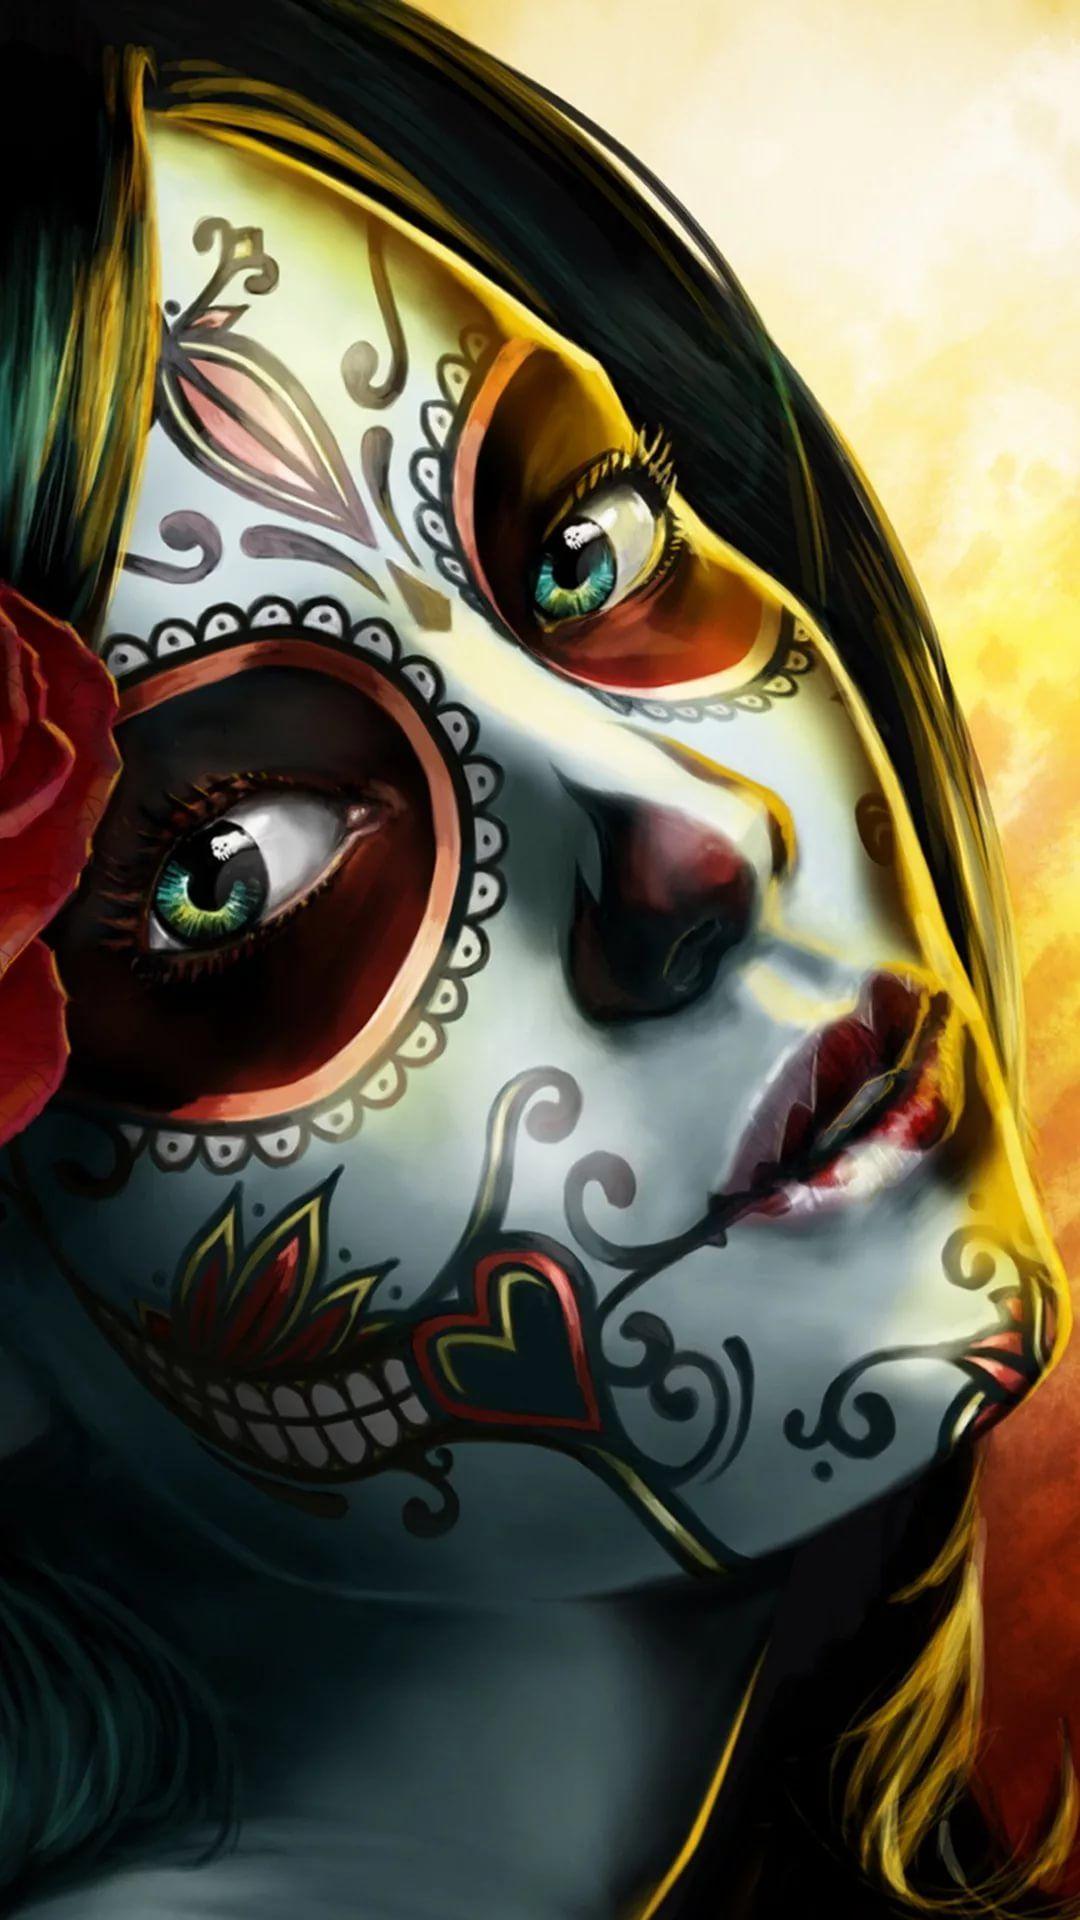 Cool Skull iPhone lock screen wallpaper